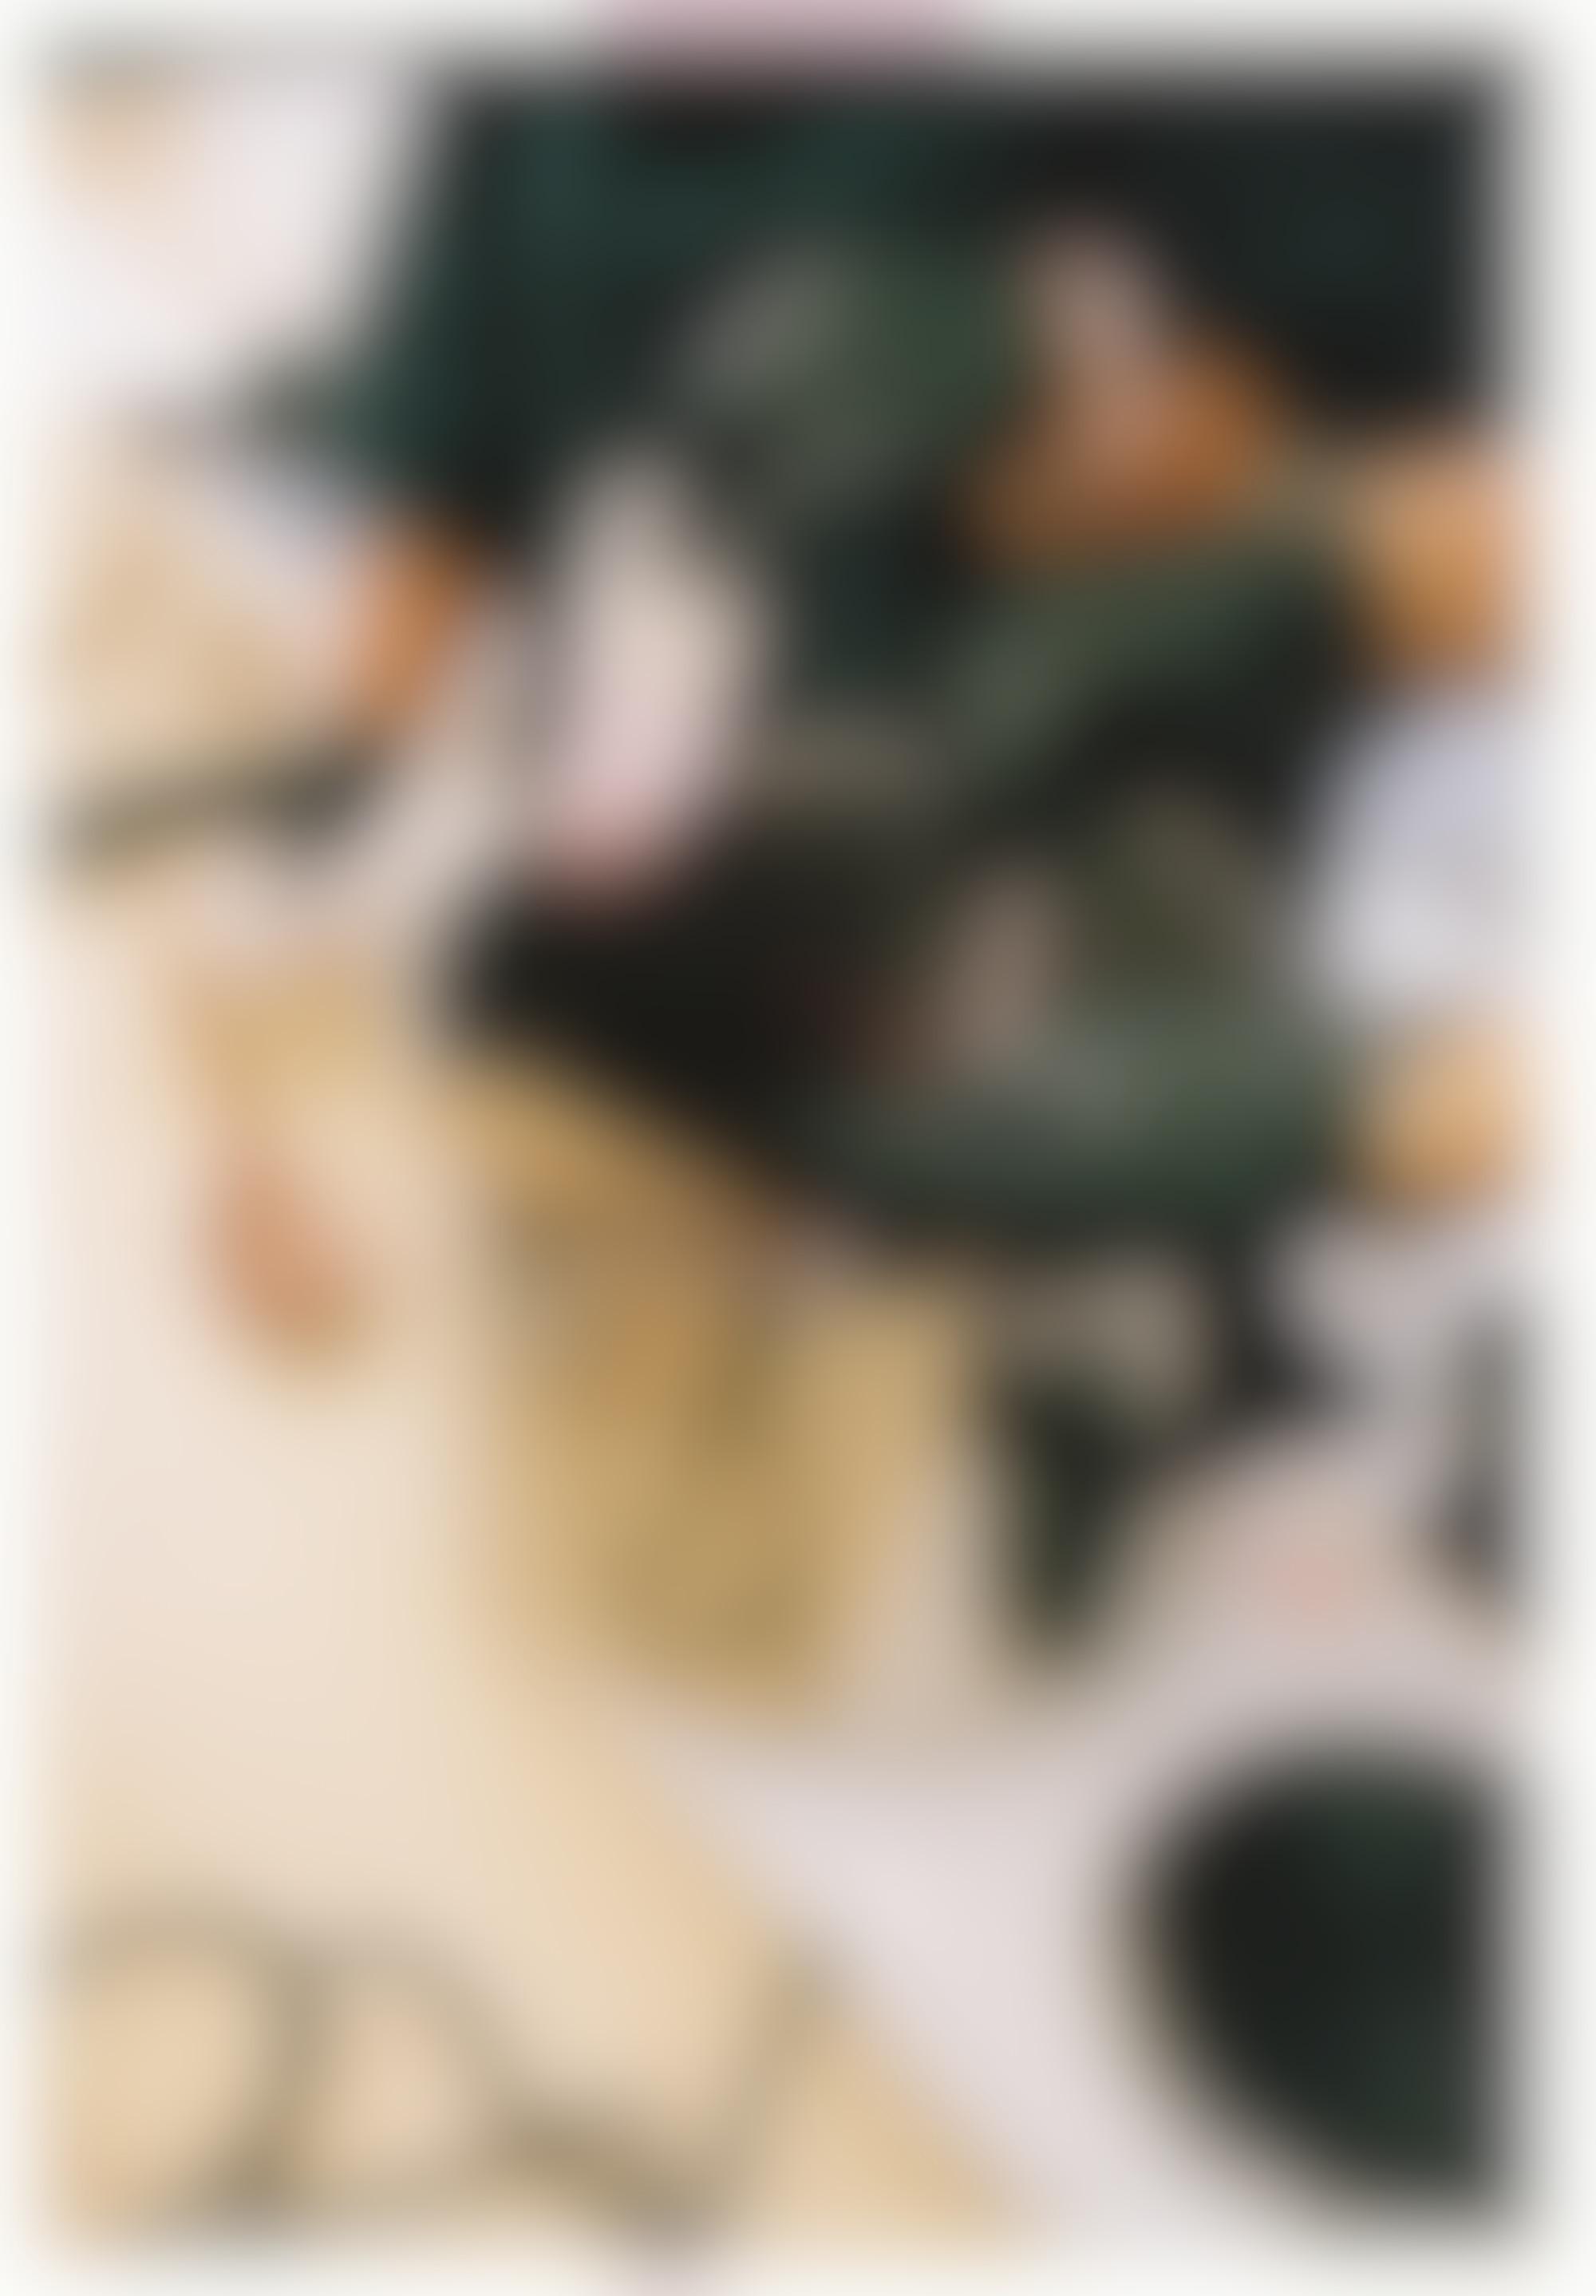 Ma tt er x SPACE10 LDN photo Chris Lensz 5 autocompressfitresizeixlibphp 1 1 0max h2000max w3 D2000q80s4bc792f1227d598b574c54726a2f49f4